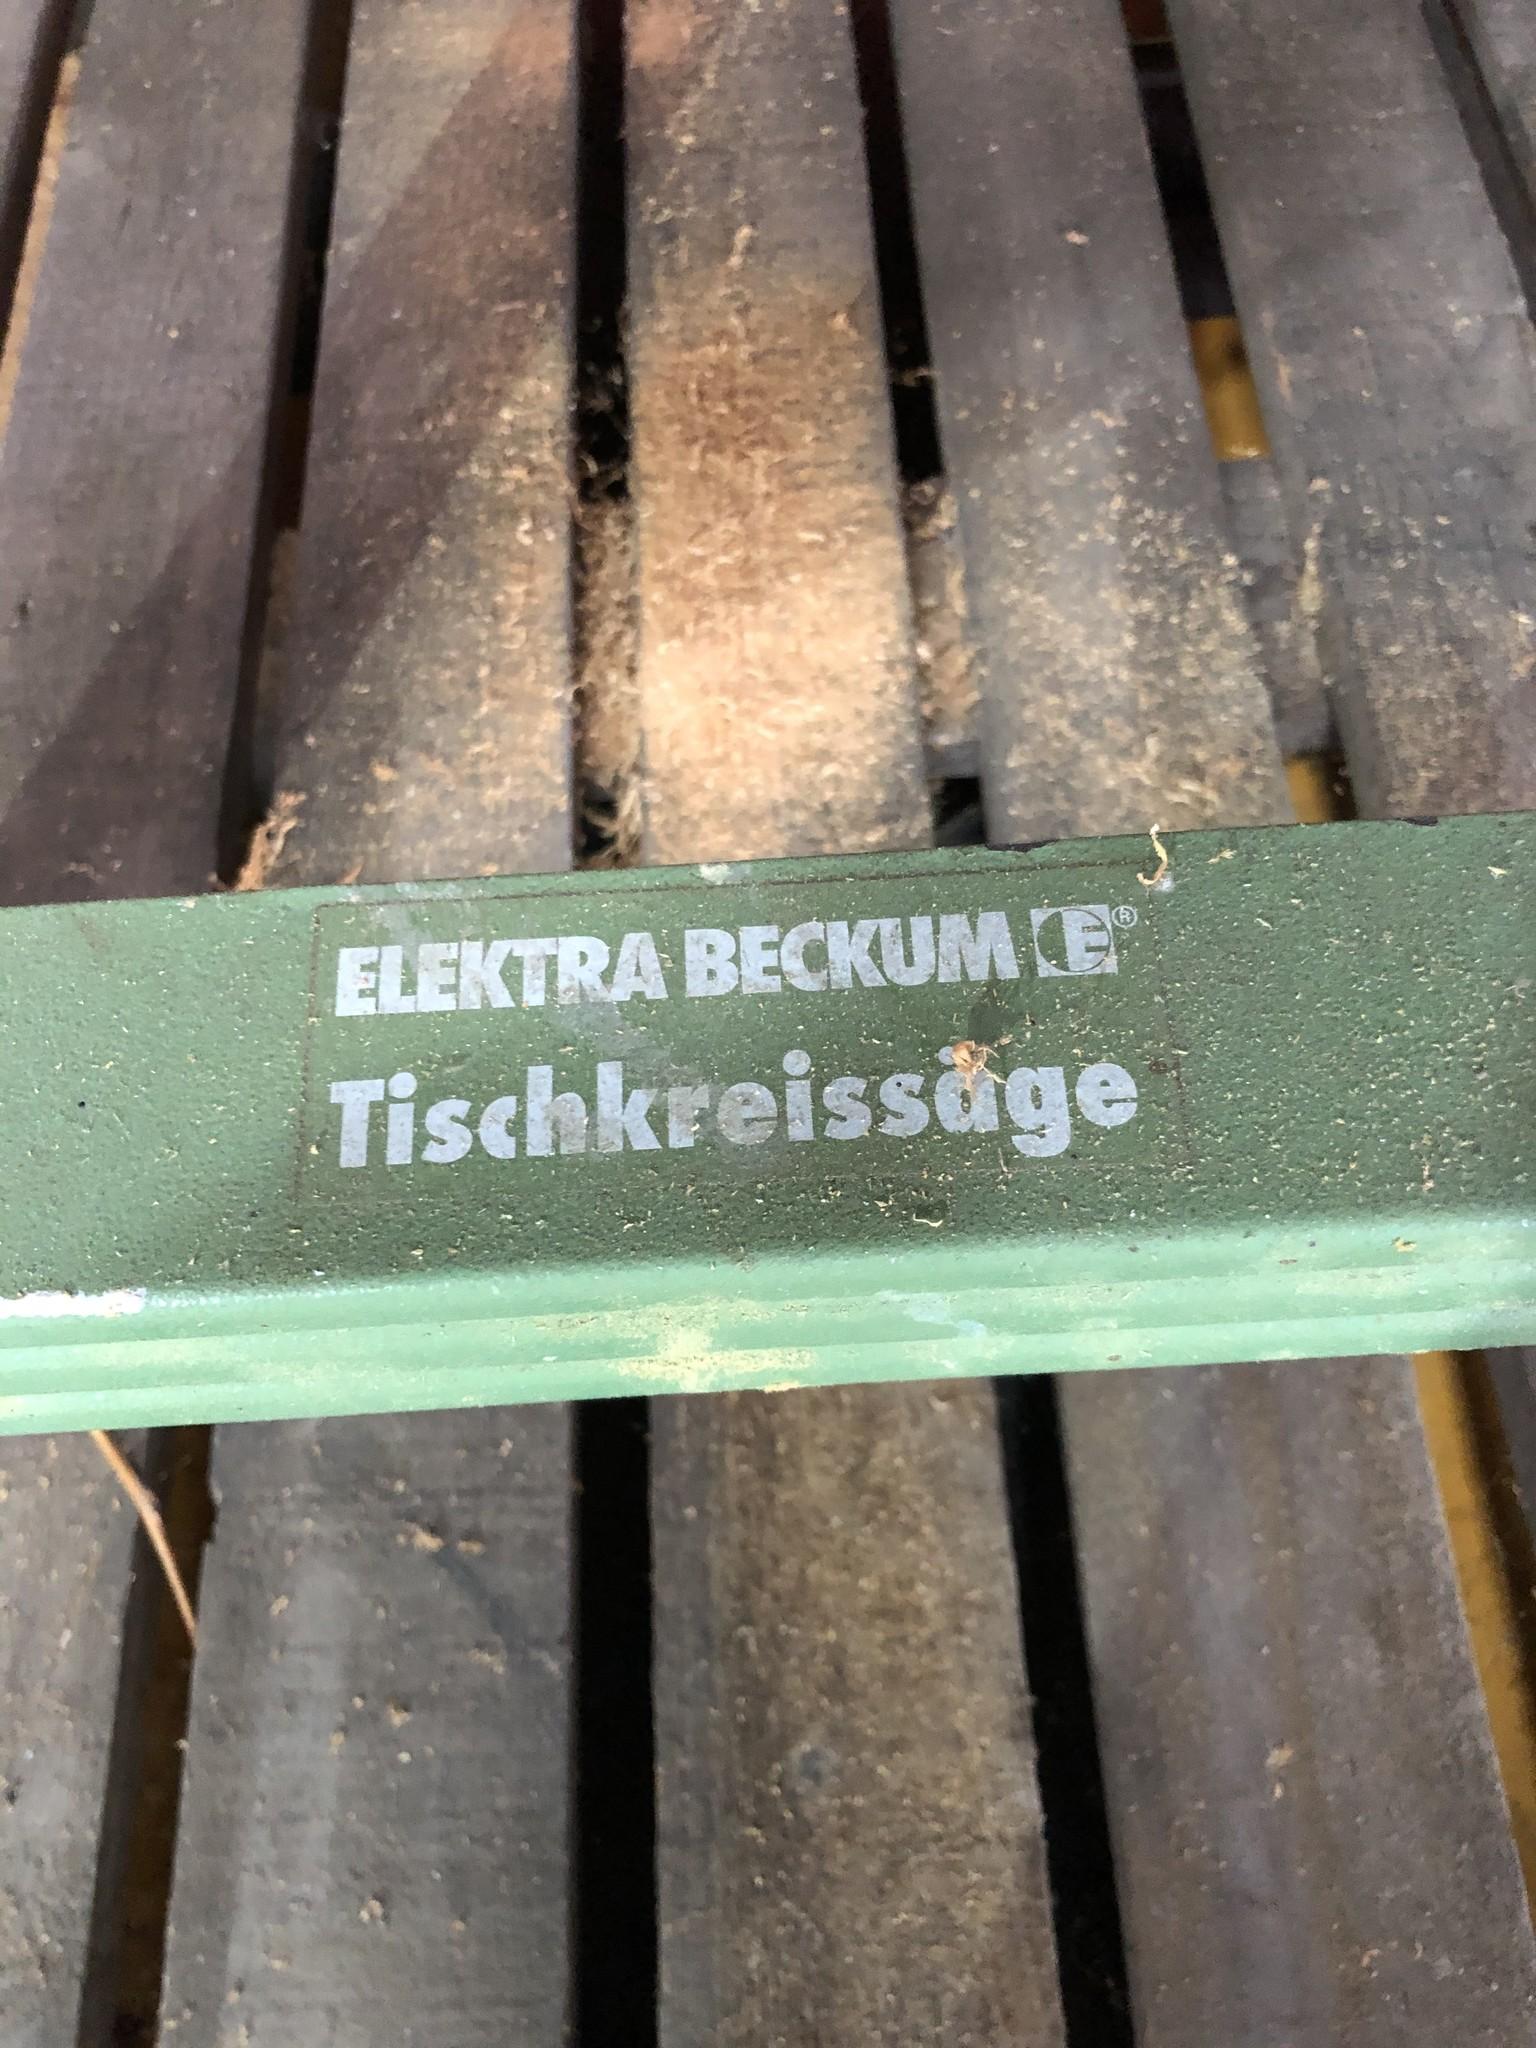 Eelktra Beckum NL805321299B01